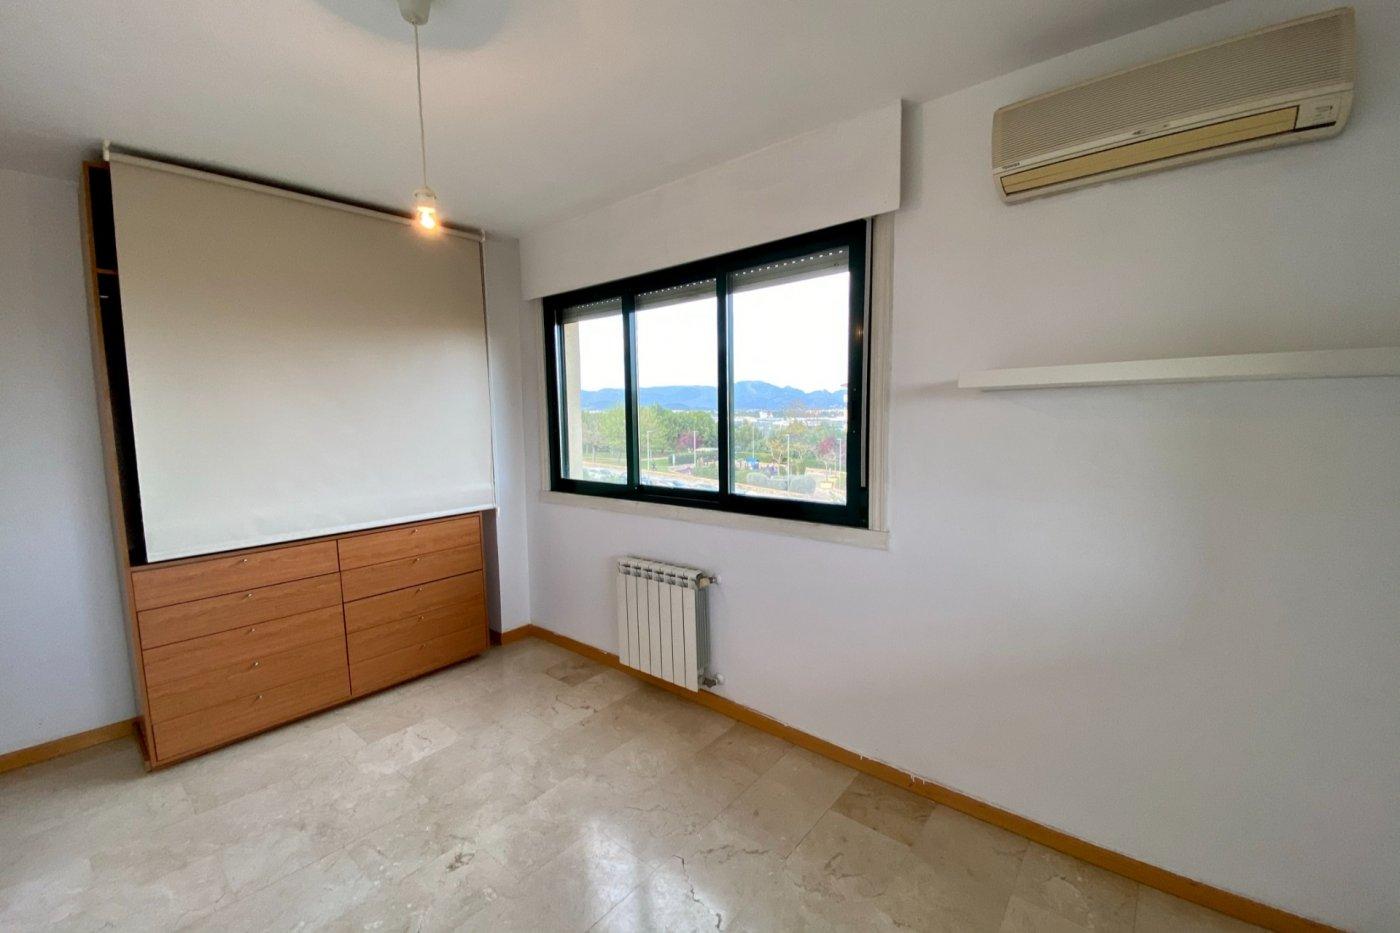 Piso sin muebles de 105 m² de superficie en zona residencial de son cotoner, palma de mall - imagenInmueble10